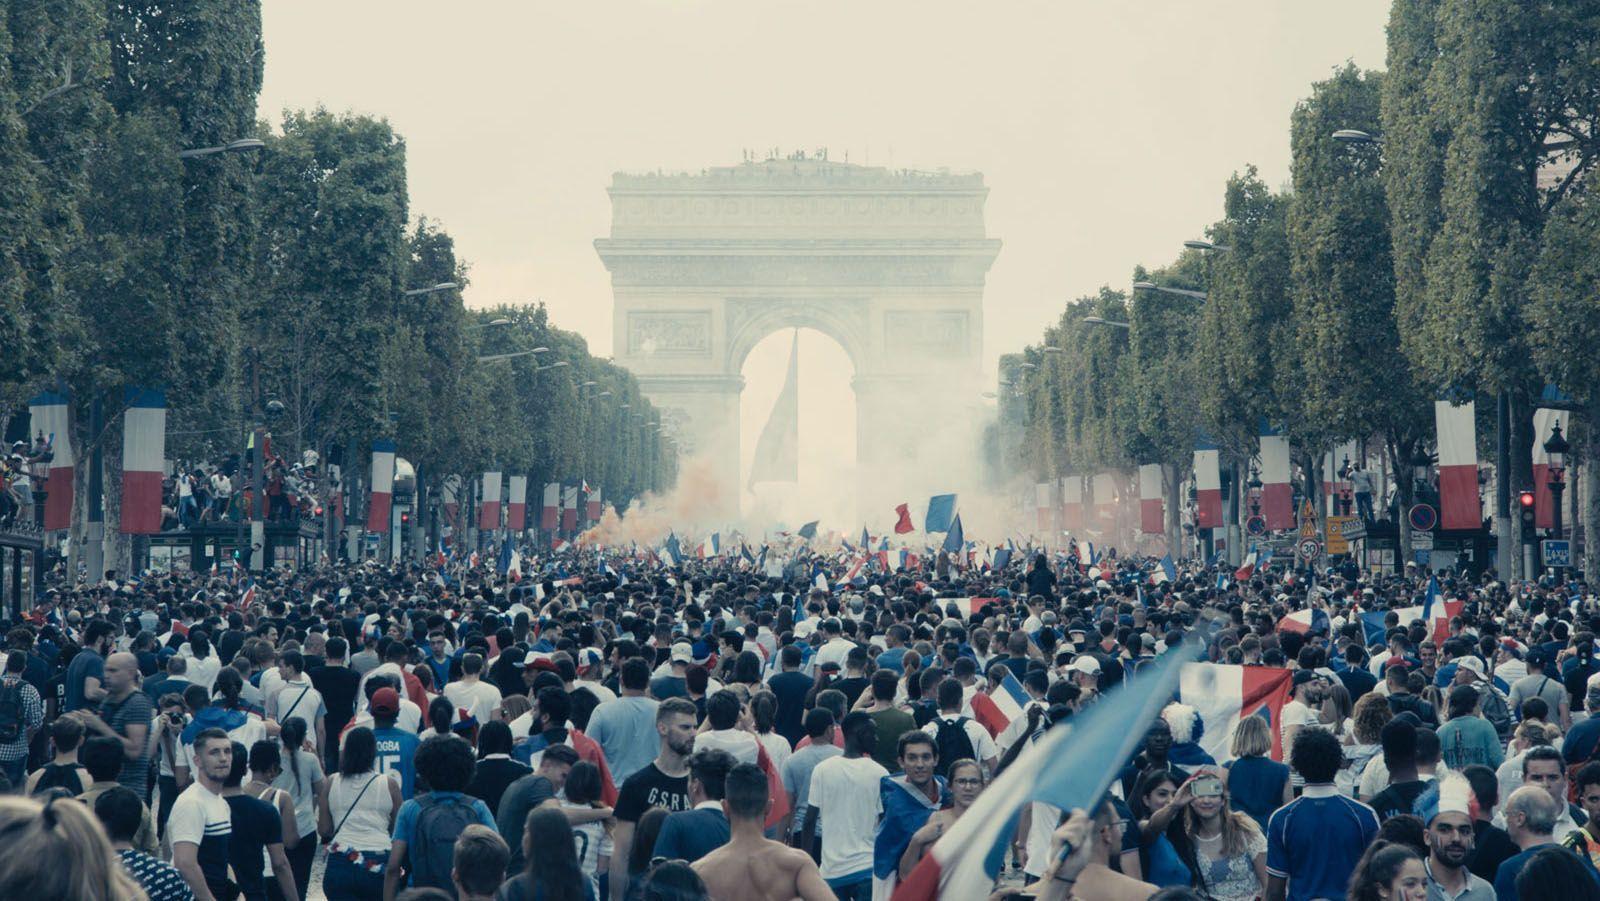 25e Cérémonie des Lumières 2020 : triplé gagnant pour Les Misérables